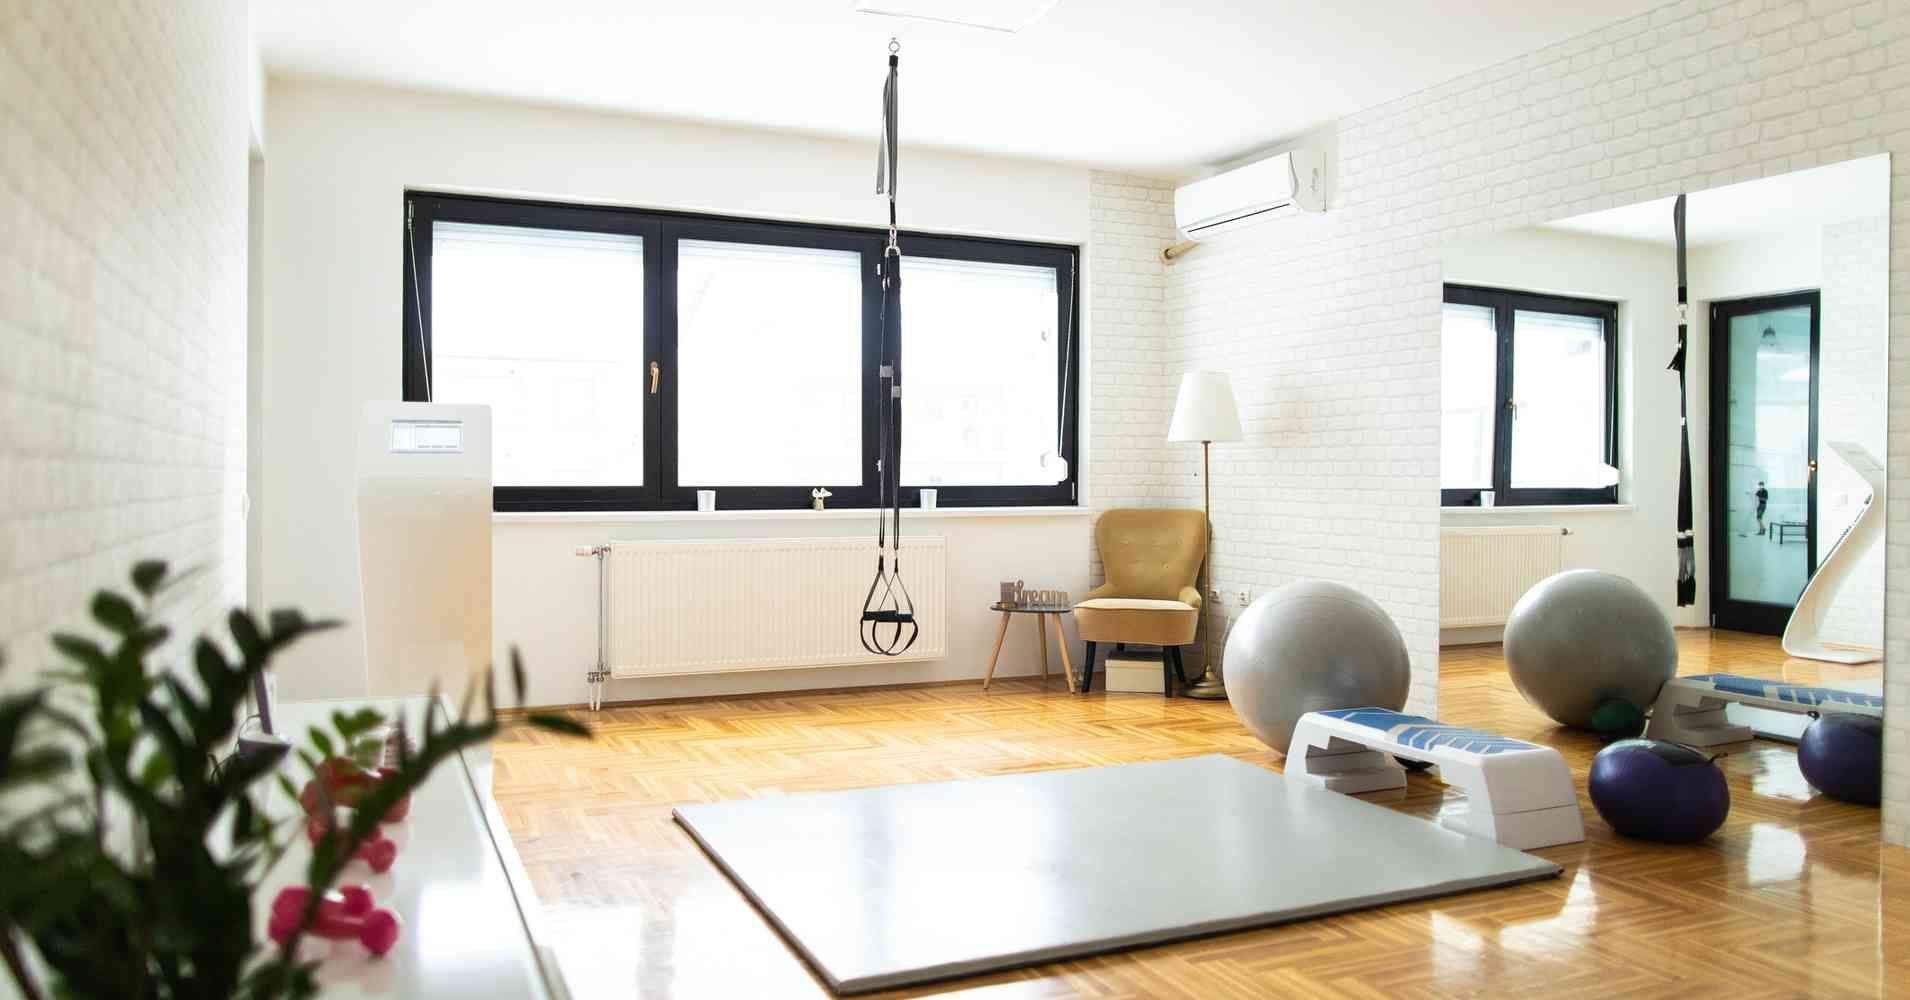 Fitnessstudio zu Hause einrichten: 10 geniale Ideen für euer